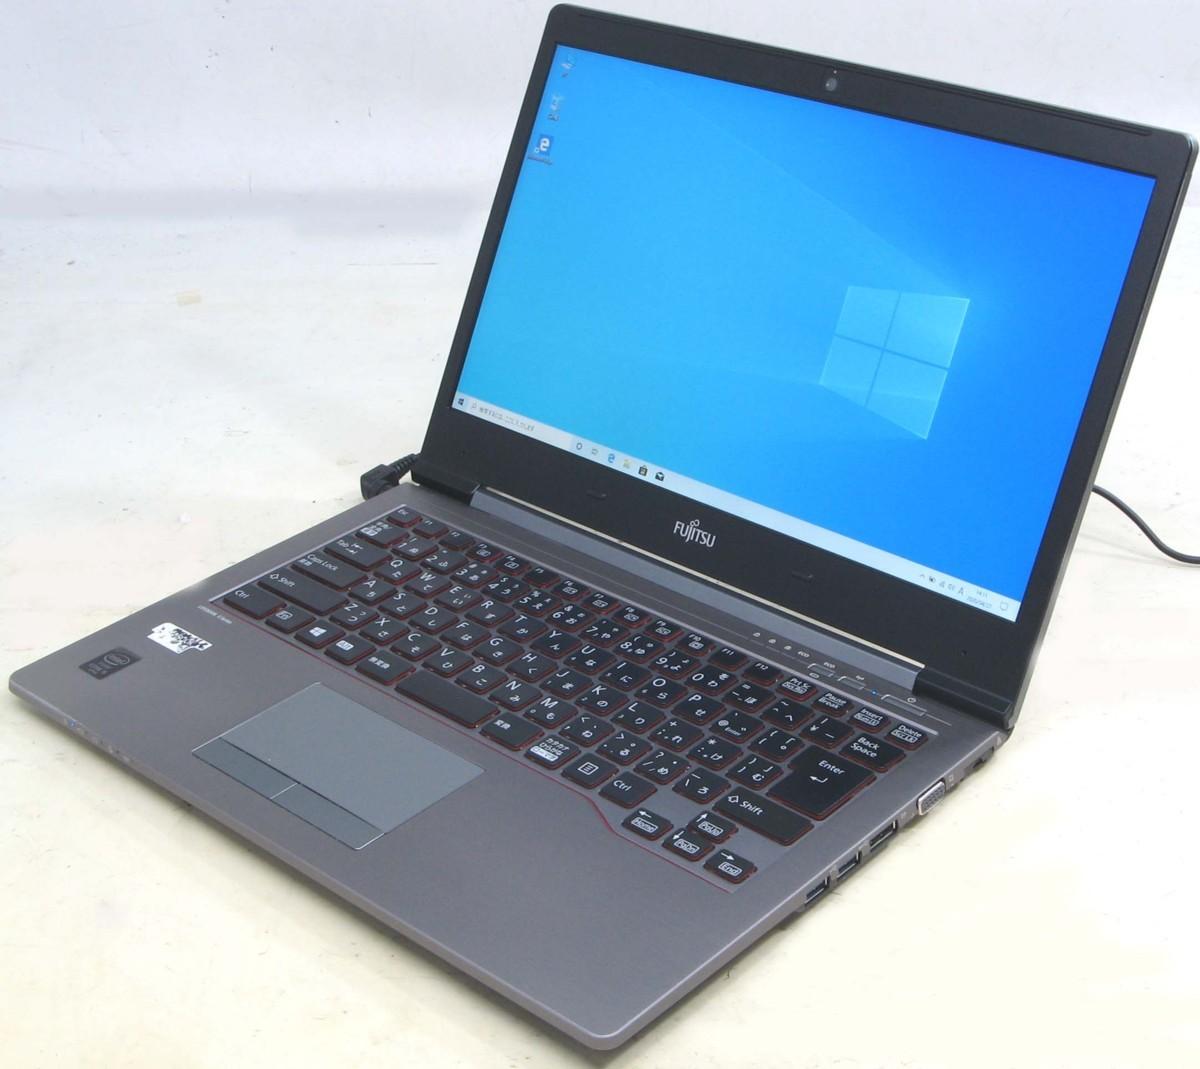 【初期設定済み!すぐ使える】 中古 ノート パソコン 14型 14インチ 液晶 富士通 Lifebook U745/K FMVU2003 Windows10 Corei5 メモリ4GB SSD256GB 中古PC 【中古】